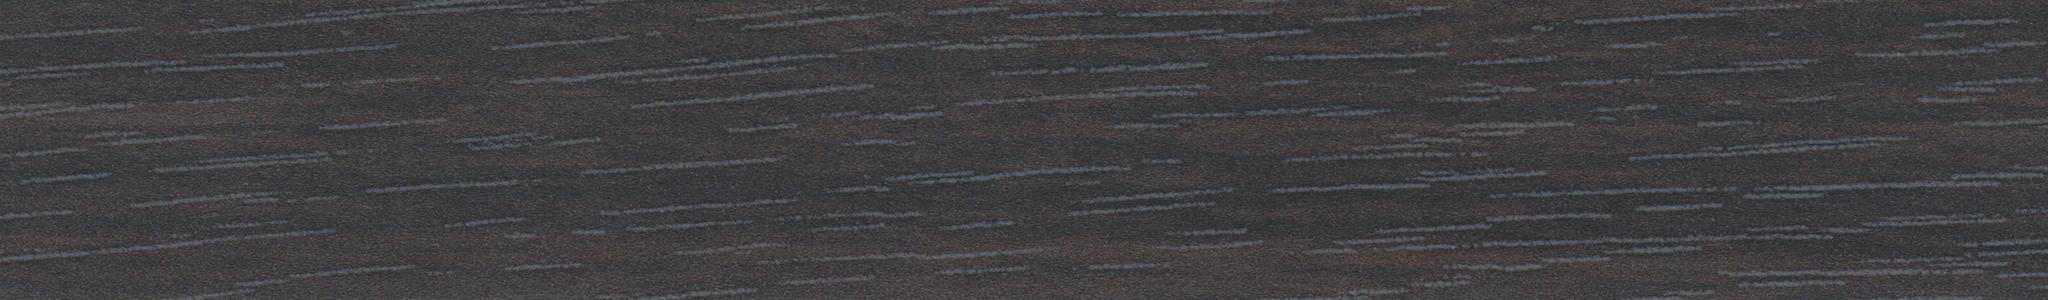 Bordi laminati melaminci per decoro legno